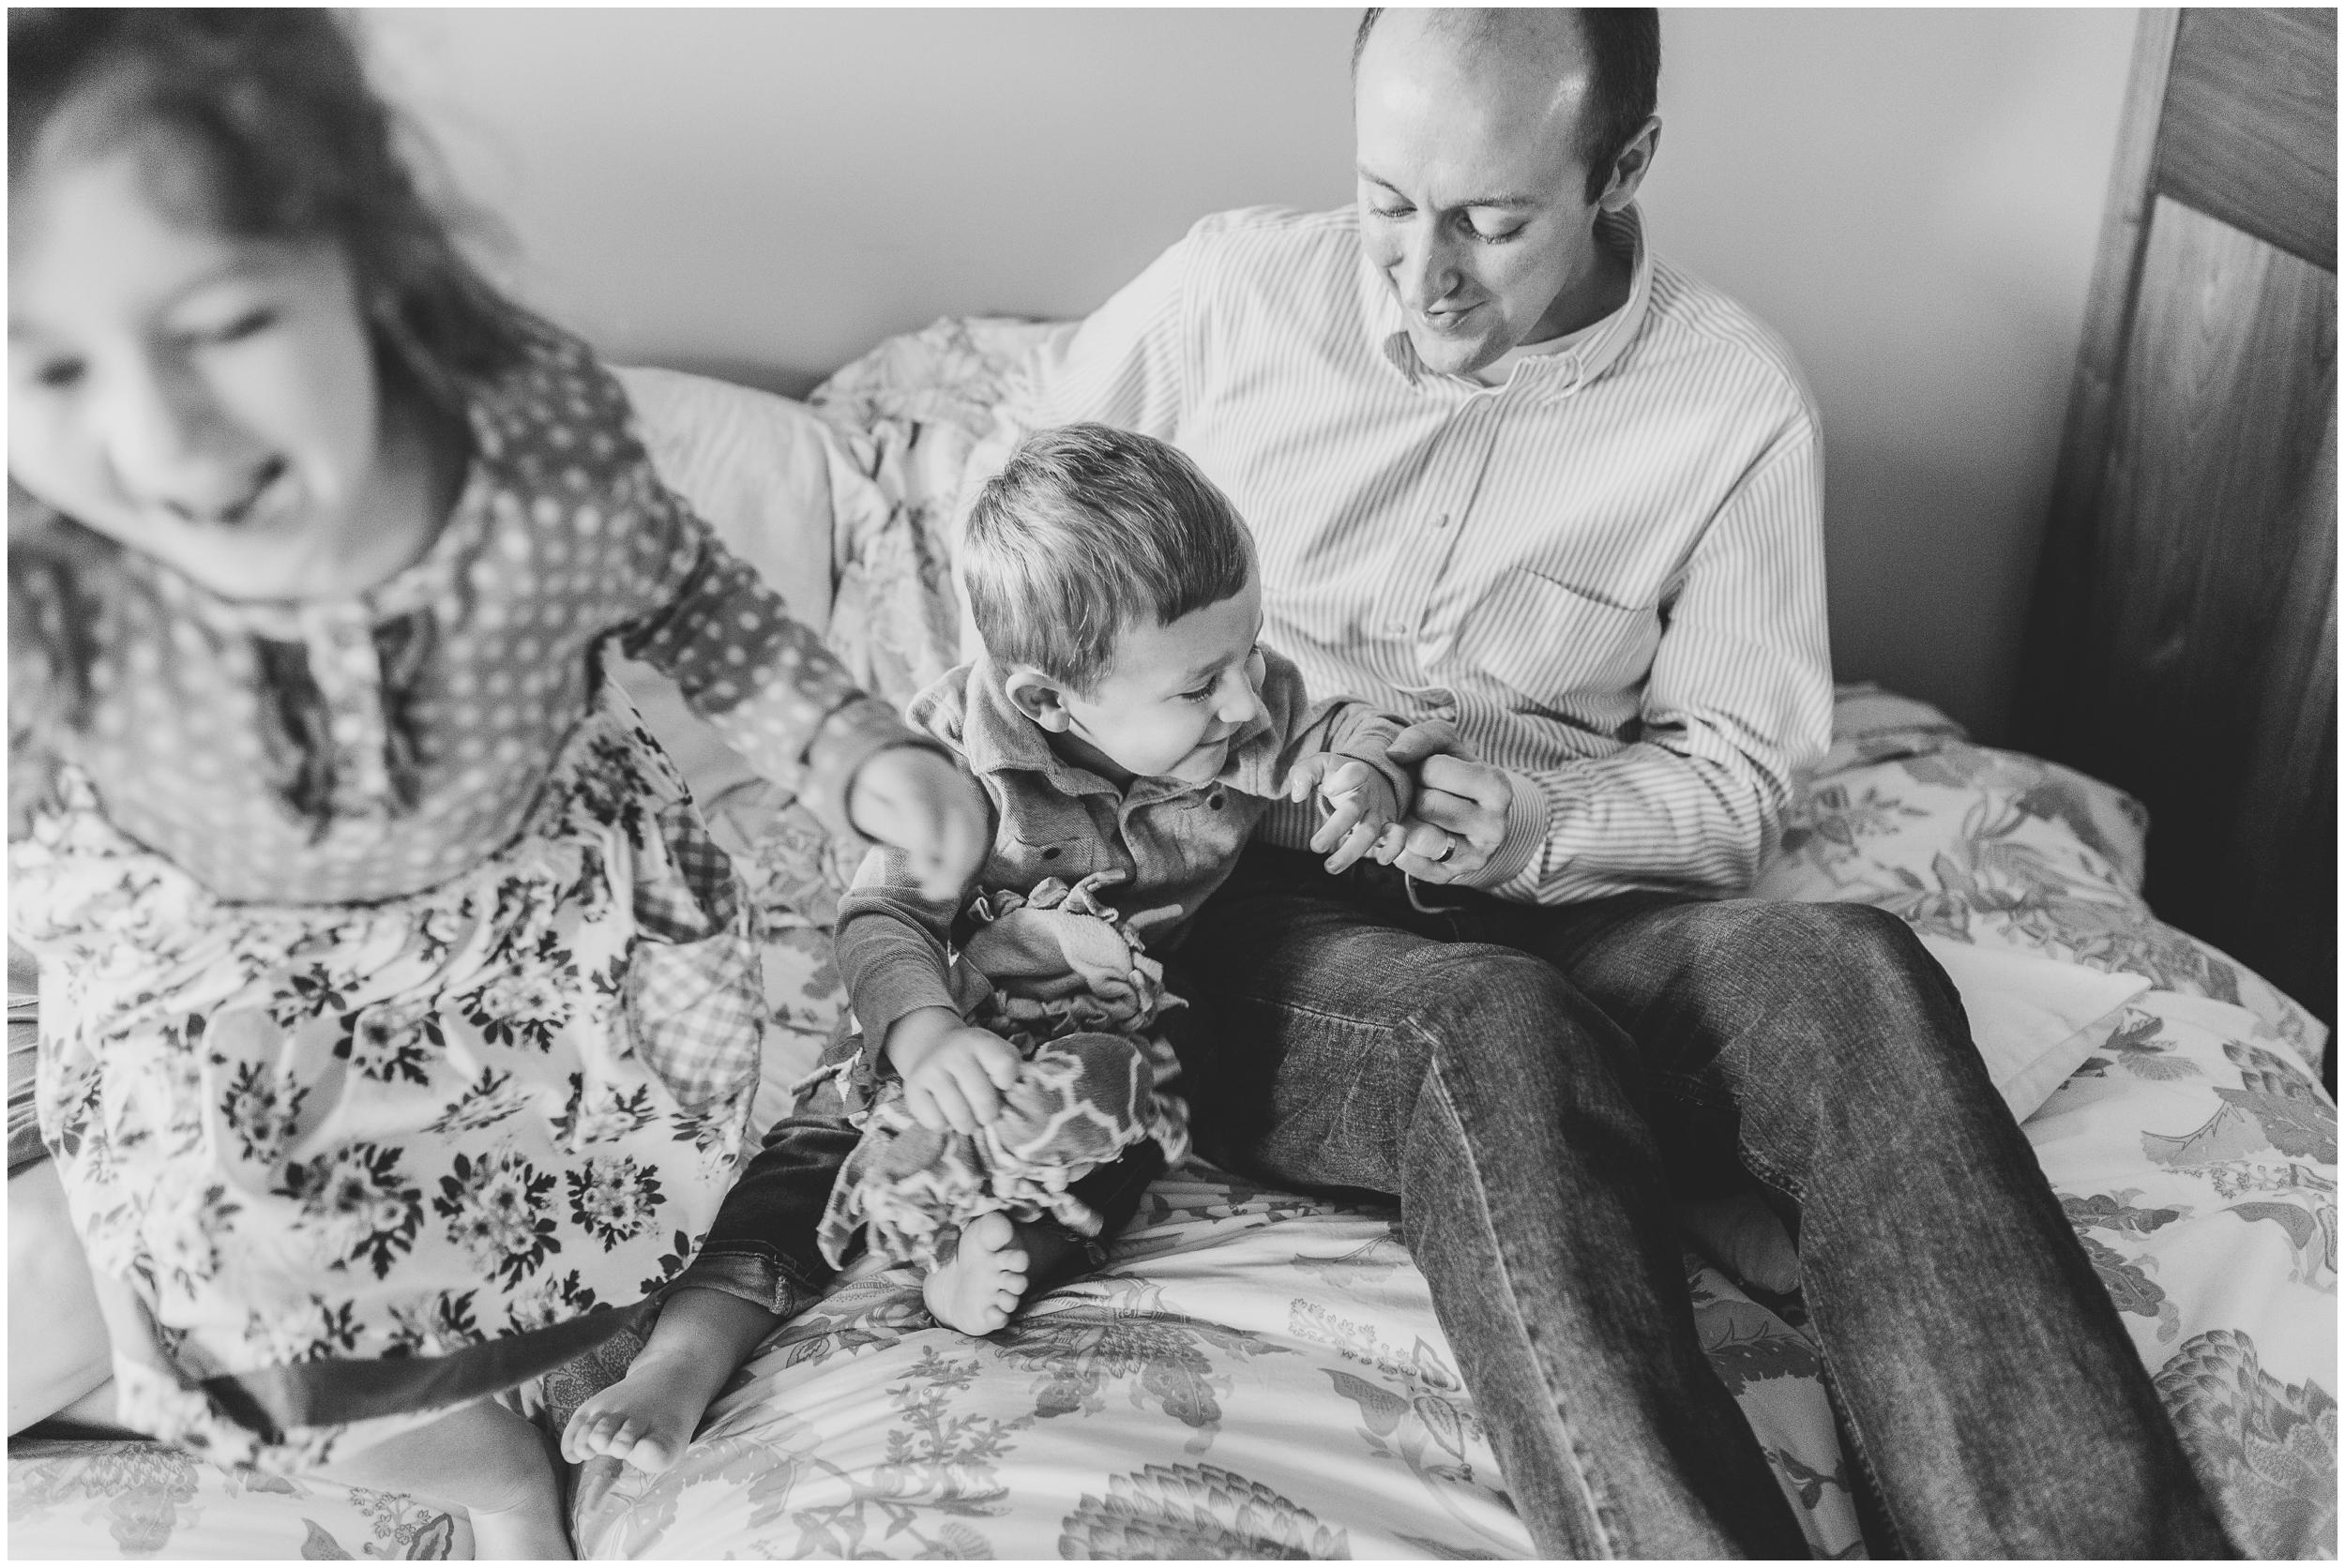 lexington-ky-family-lifestyle-photography-Priscilla-Baierlein-Photography_0224.jpg